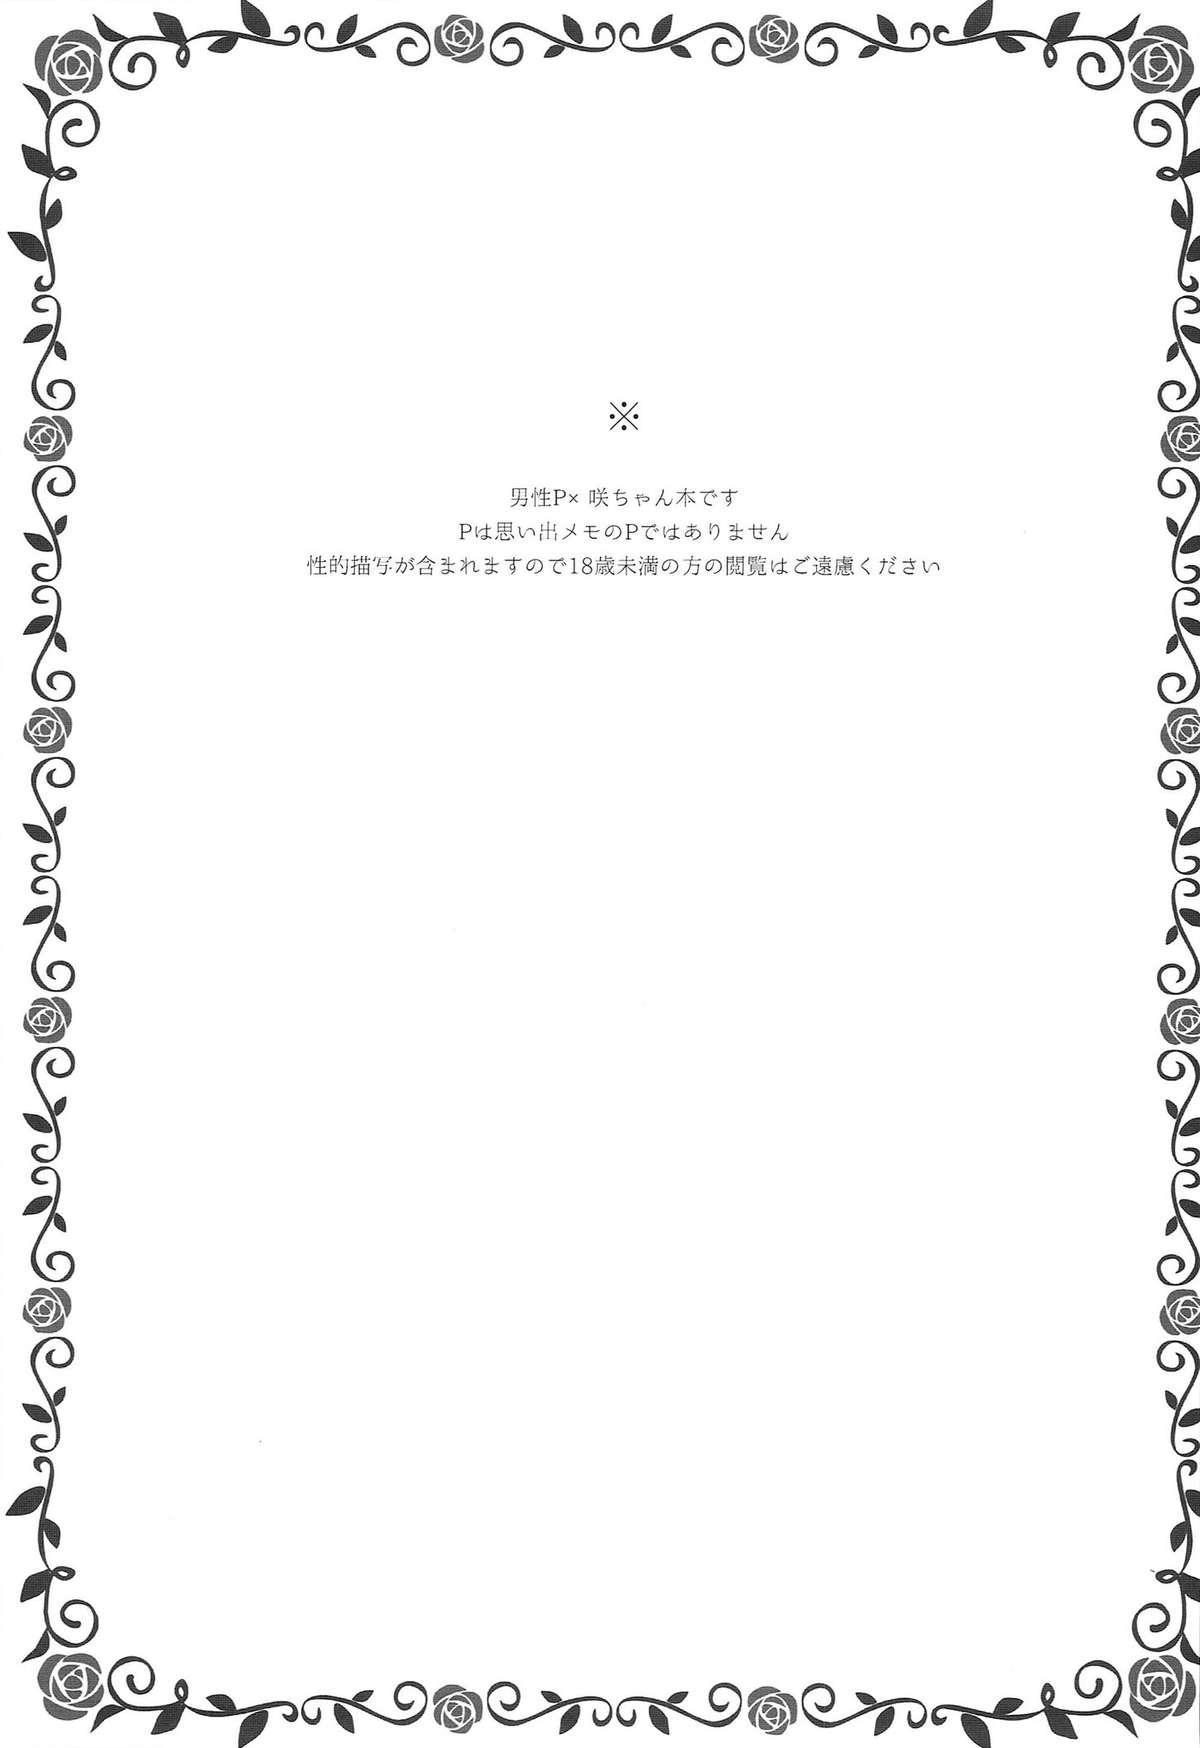 Onnanoko no kimochi 2